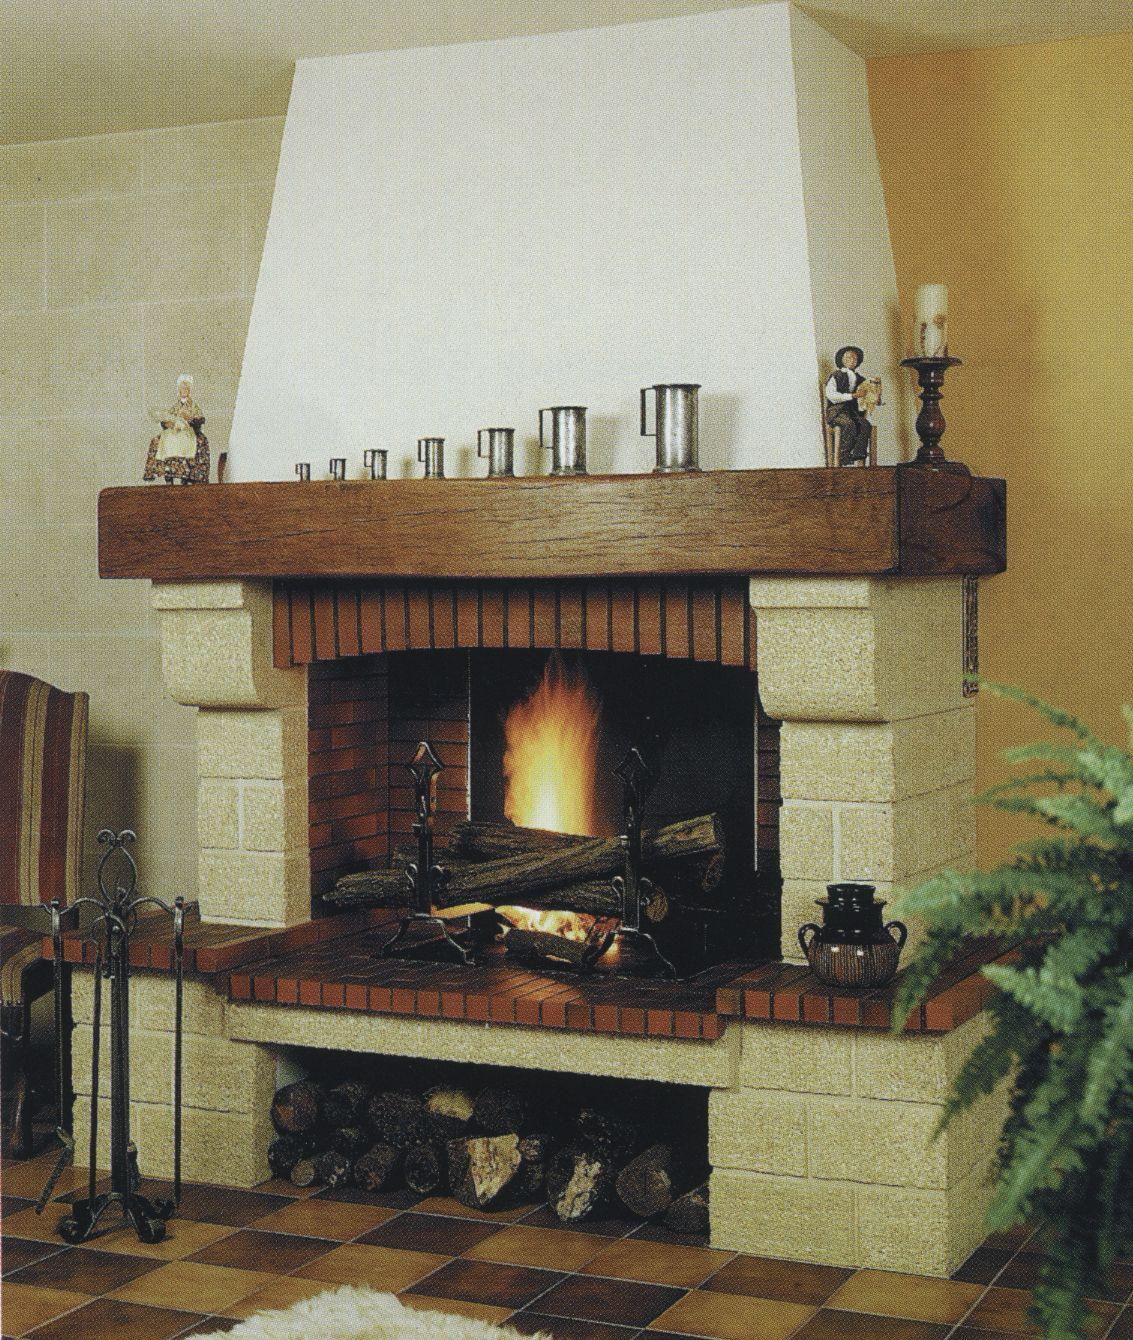 Home Foyer De La Côte Corcelles : Cheminée sur mesures rustique foyer ouvert pierre et